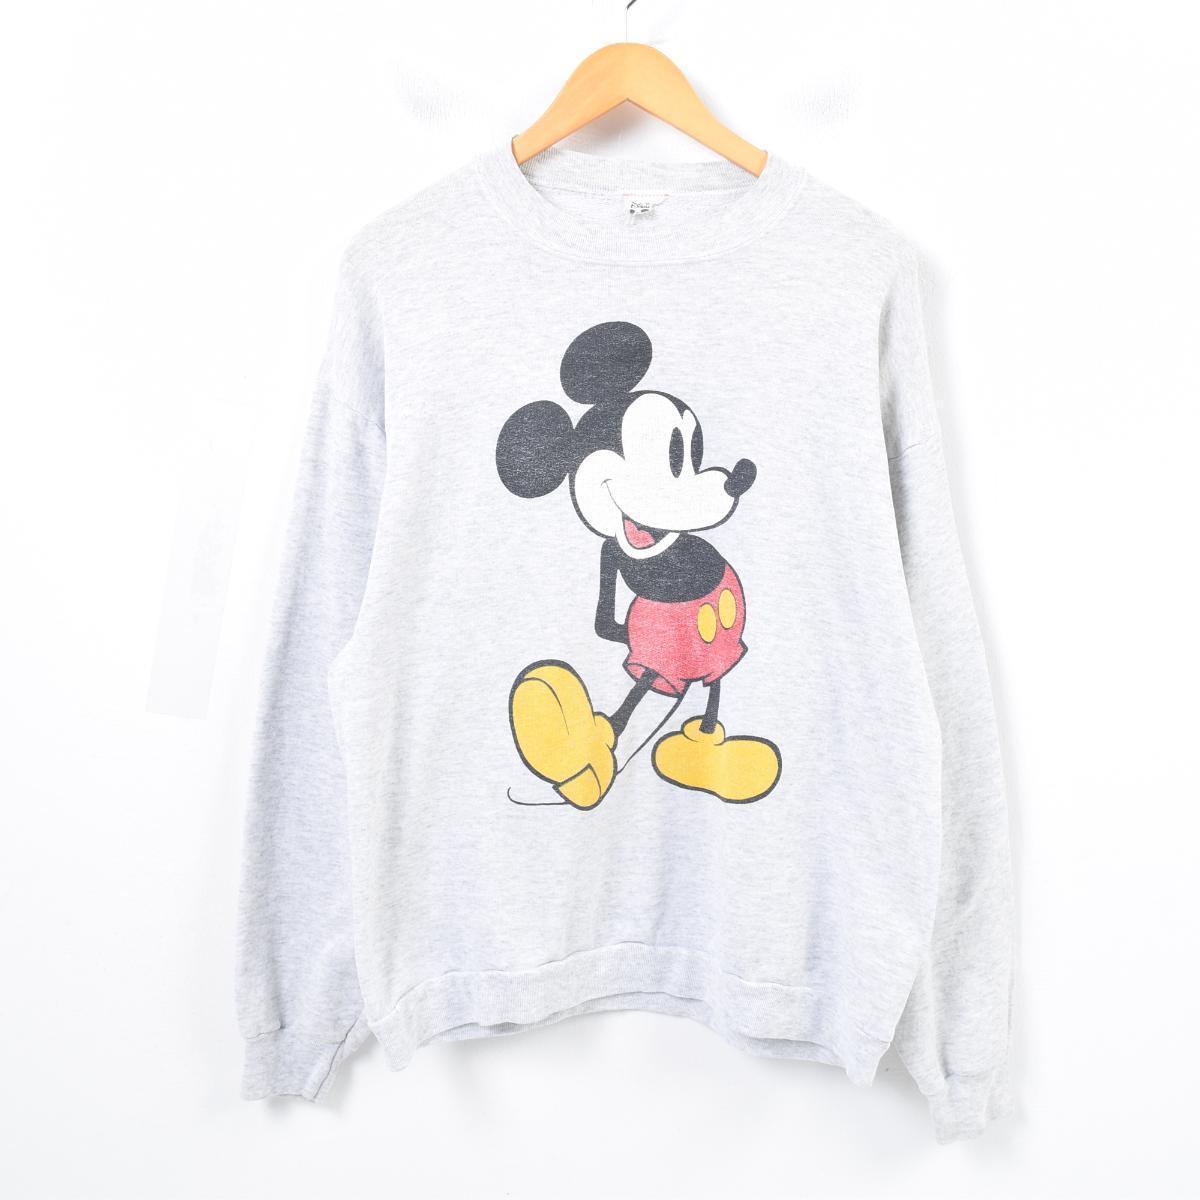 MICKEY MOUSE ミッキーマウス キャラクタースウェットシャツ トレーナー レディースL /wap3614 【中古】 【180329】